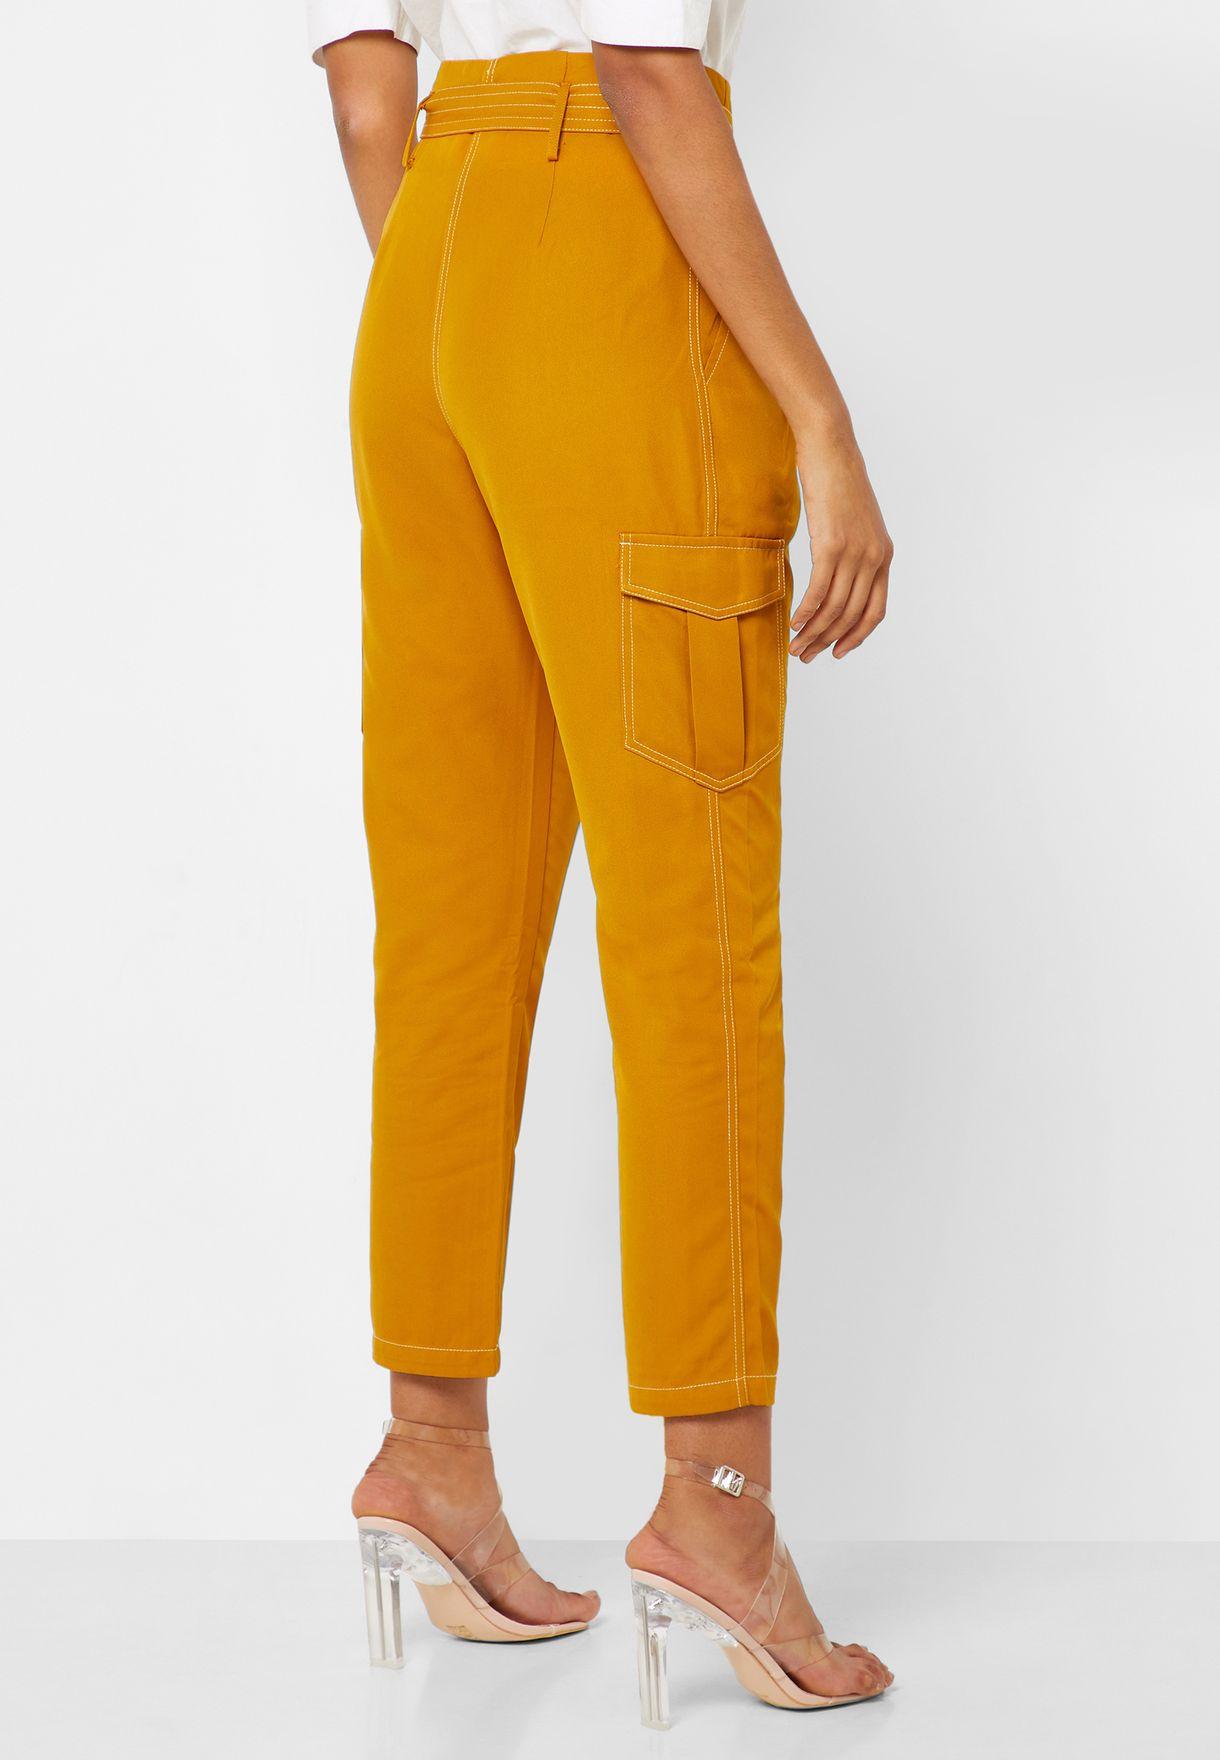 Paperbag Waist Seam Detail Pants